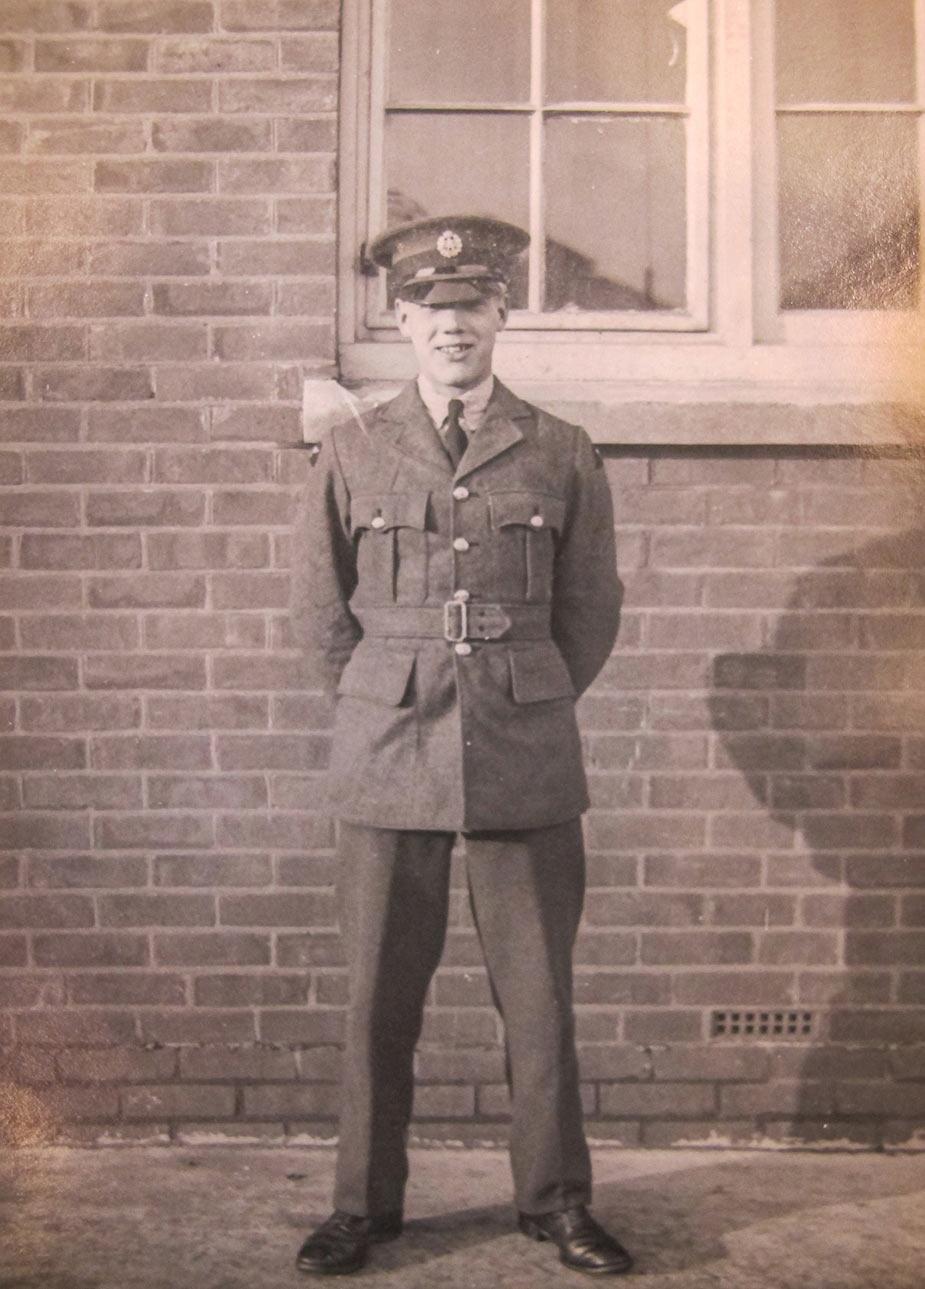 My Grandfather, Dennis Fletcher.